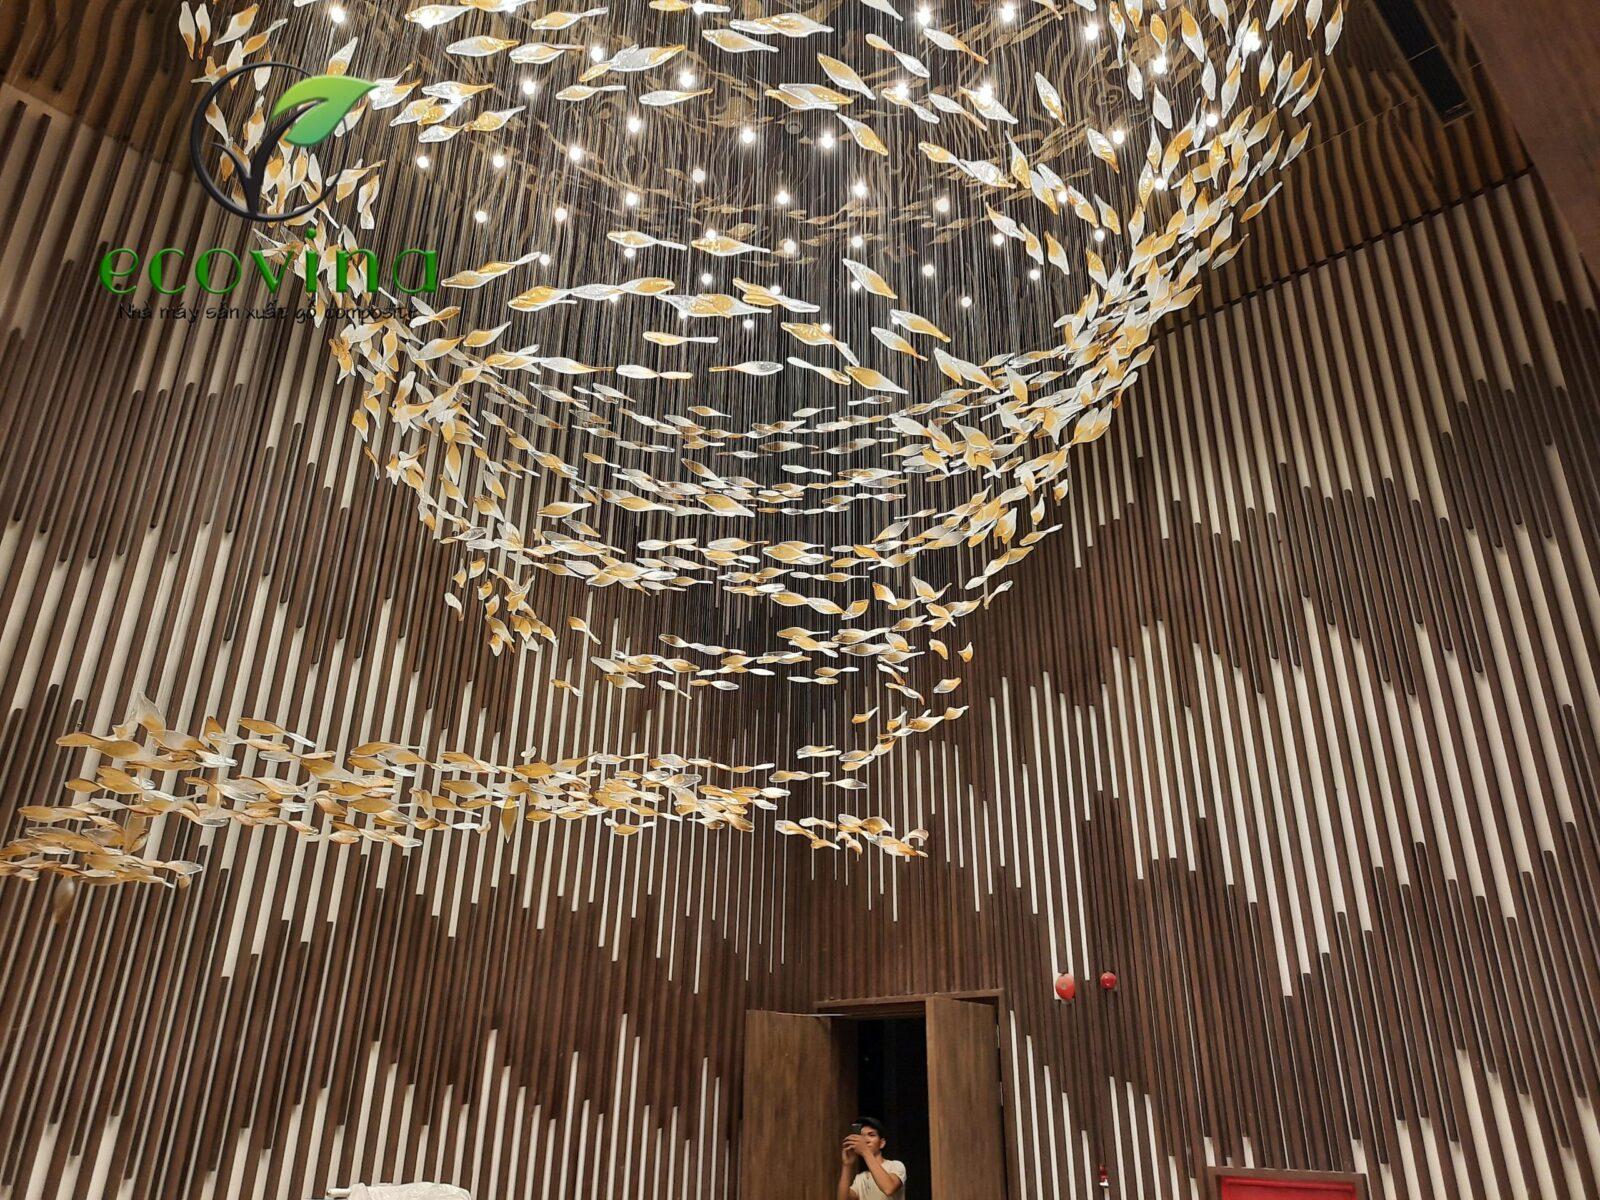 thi công gỗ nhựa ốp tường tại Khách sạn 5 sao Quảng Ninh